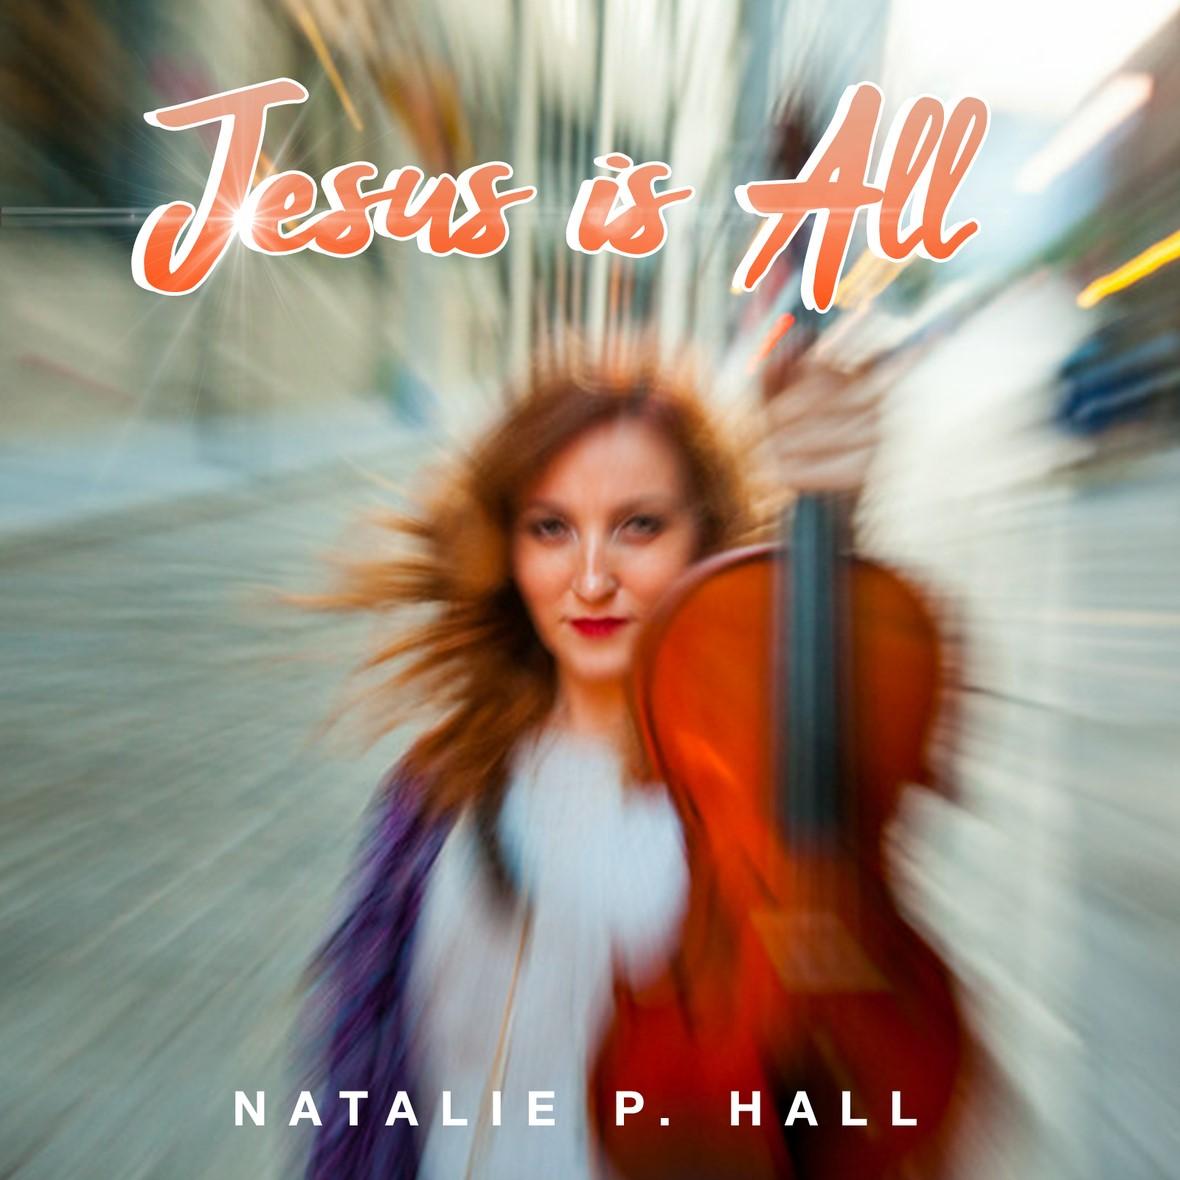 Natalie P. Hall - Jesus Is All